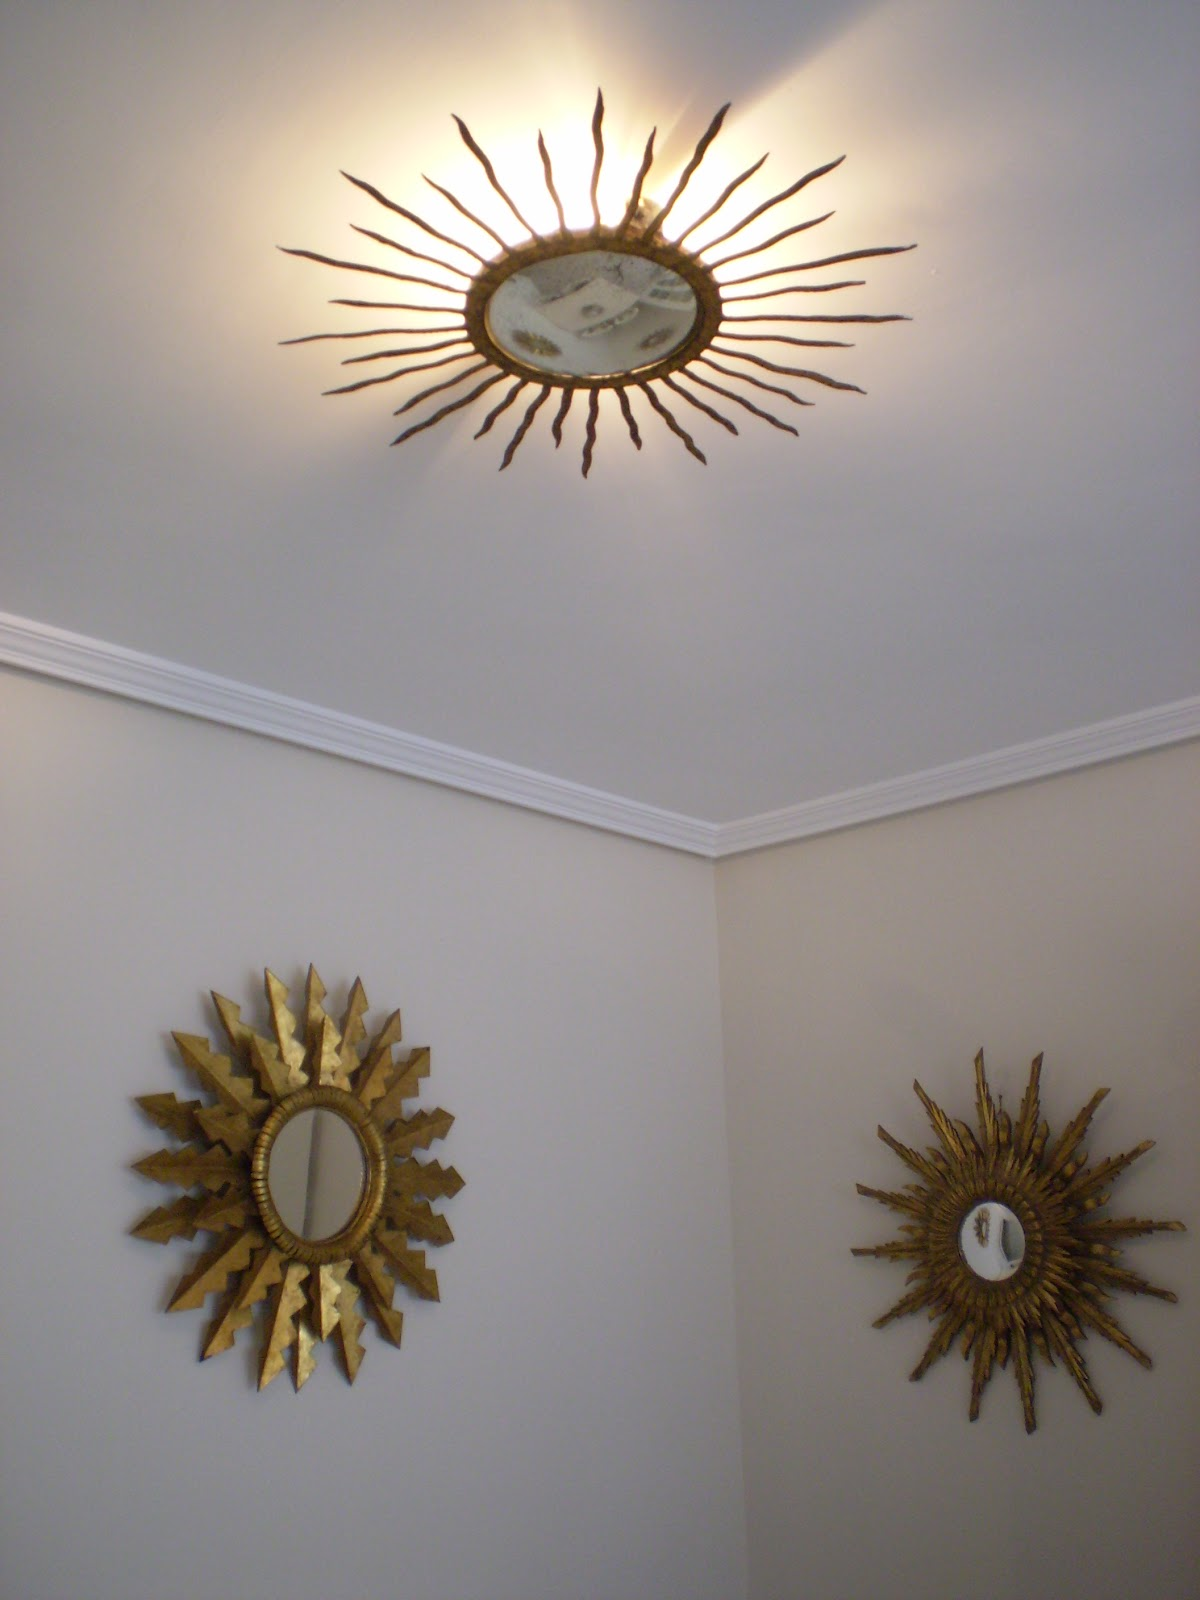 Vintager a espejo lampara de techo o aplique de pared en for Espejos decorativos con forma de sol